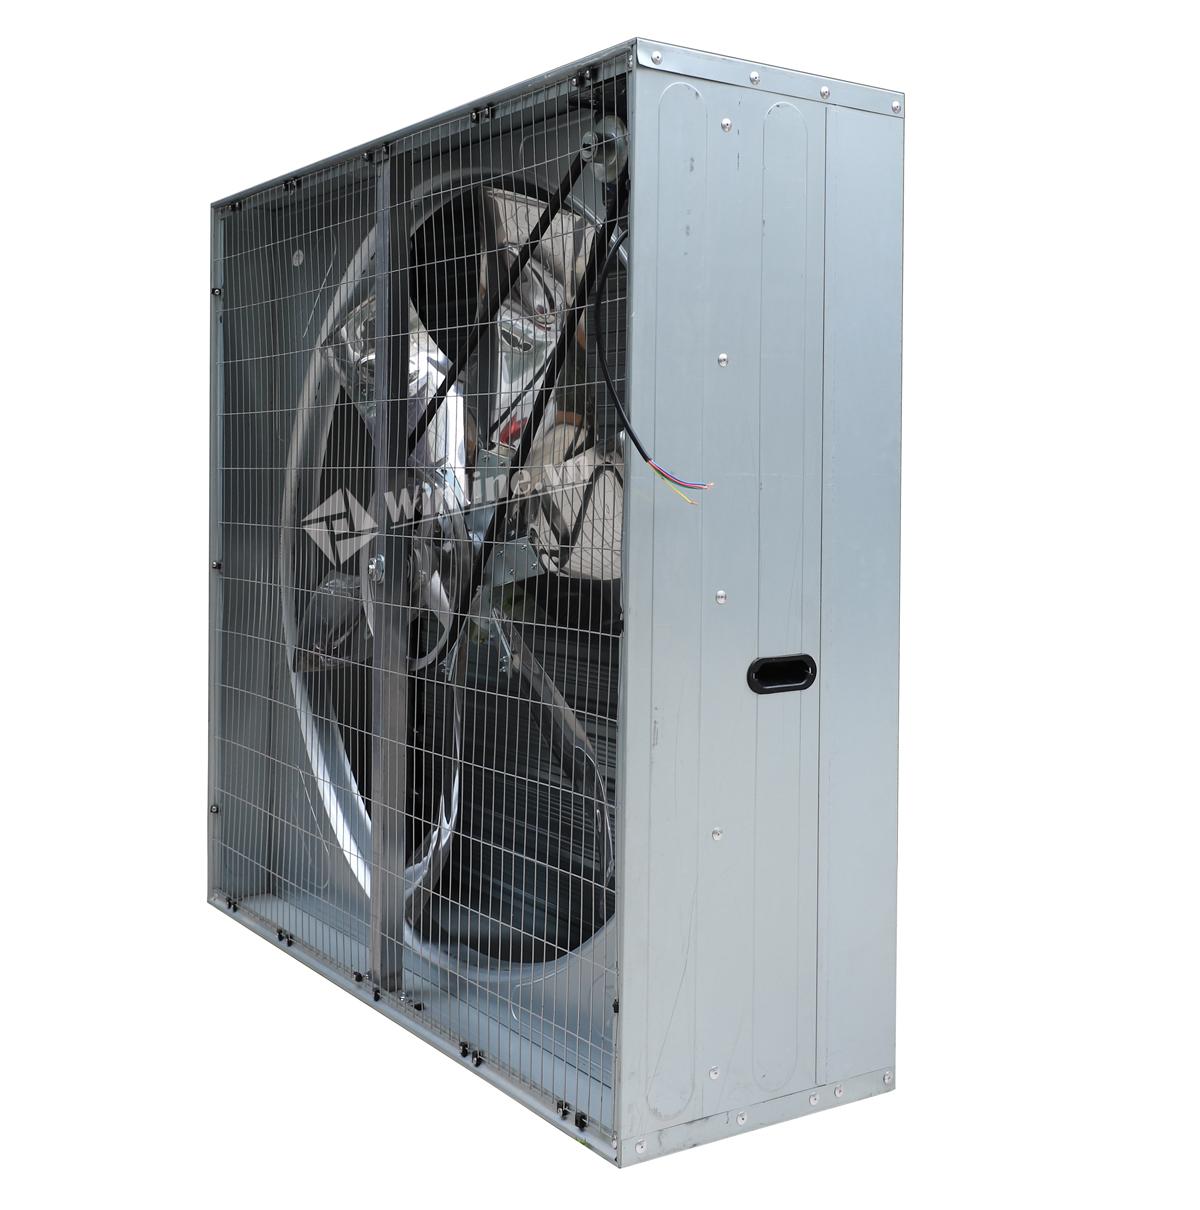 Quạt thông gió vuông SHRV 1220x1220x400 điện áp 380V